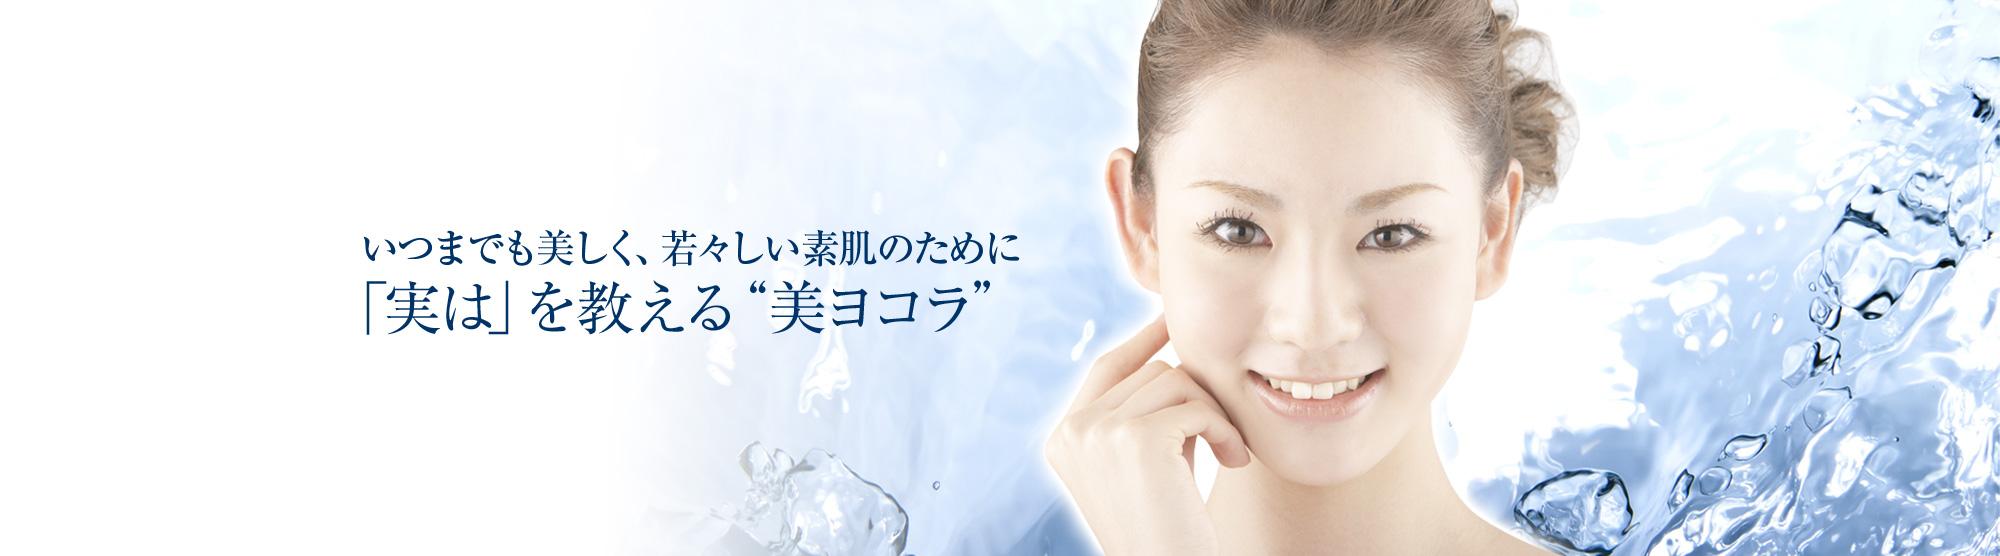 いつまでも美しく若々しい素肌のために。KEIKO流エイジングケア